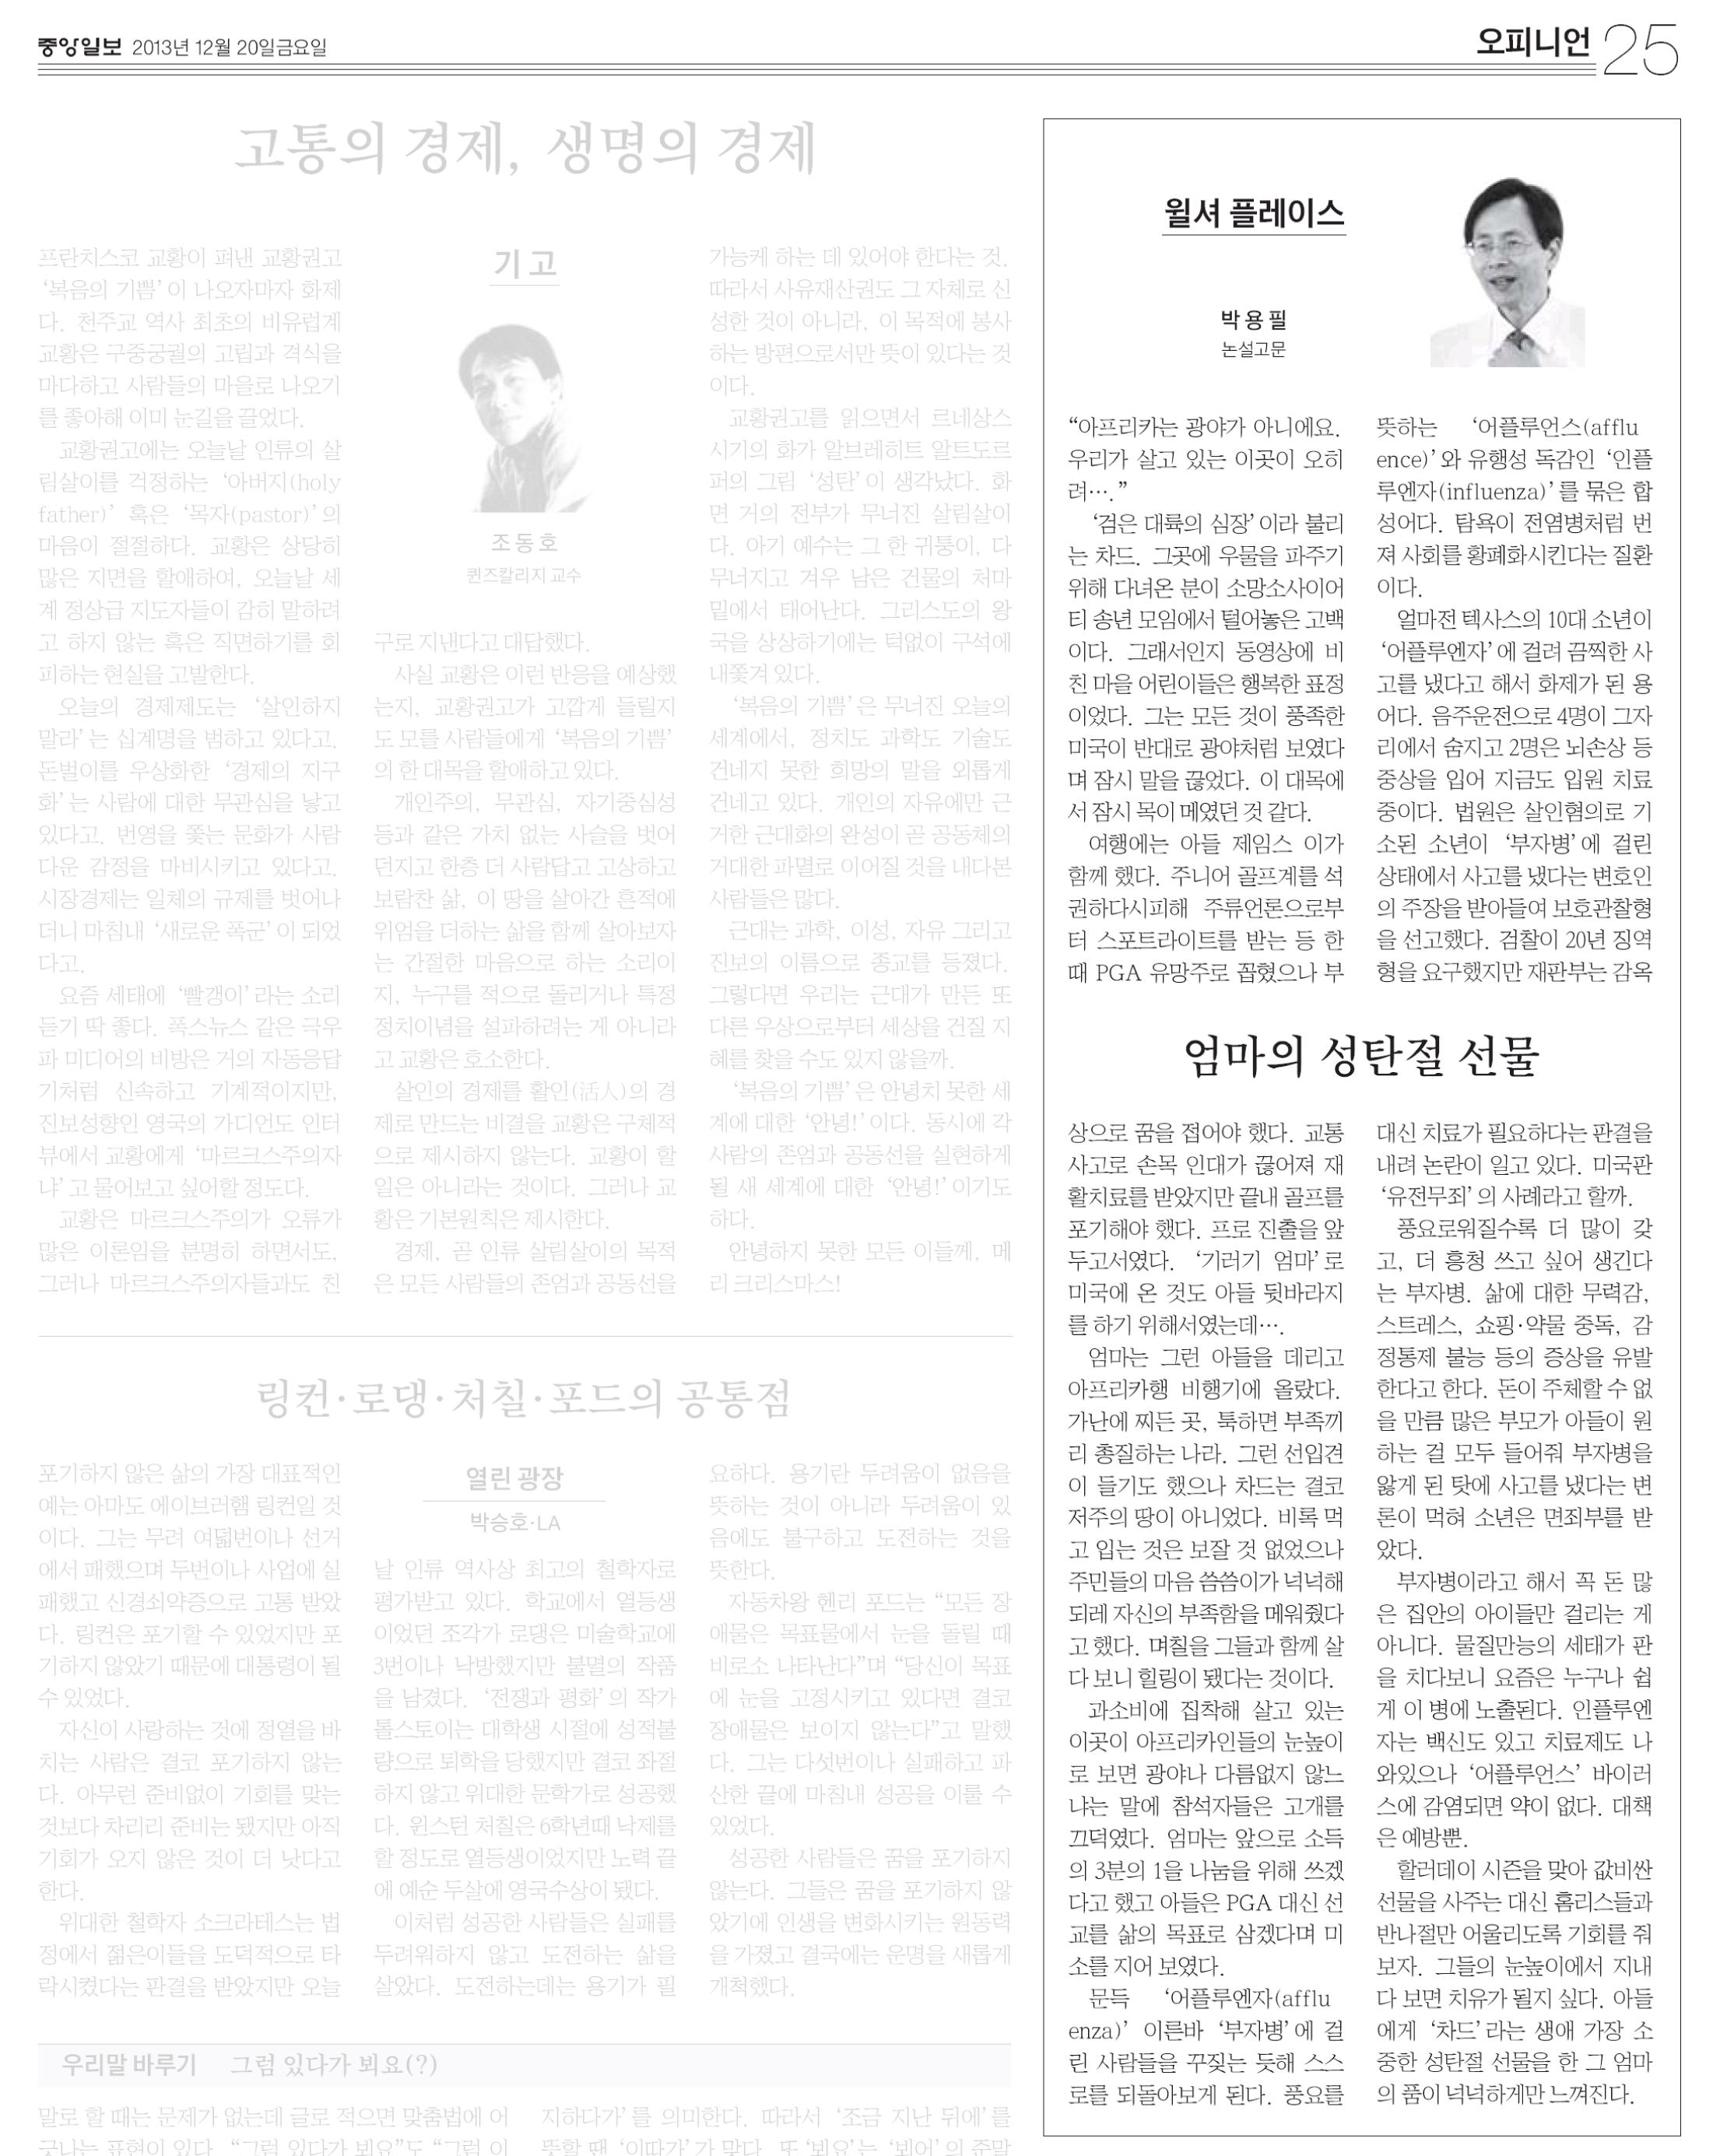 [월셔 플레이스] 엄마의 성탄절 선물 2013년 12월 20일 중앙일보